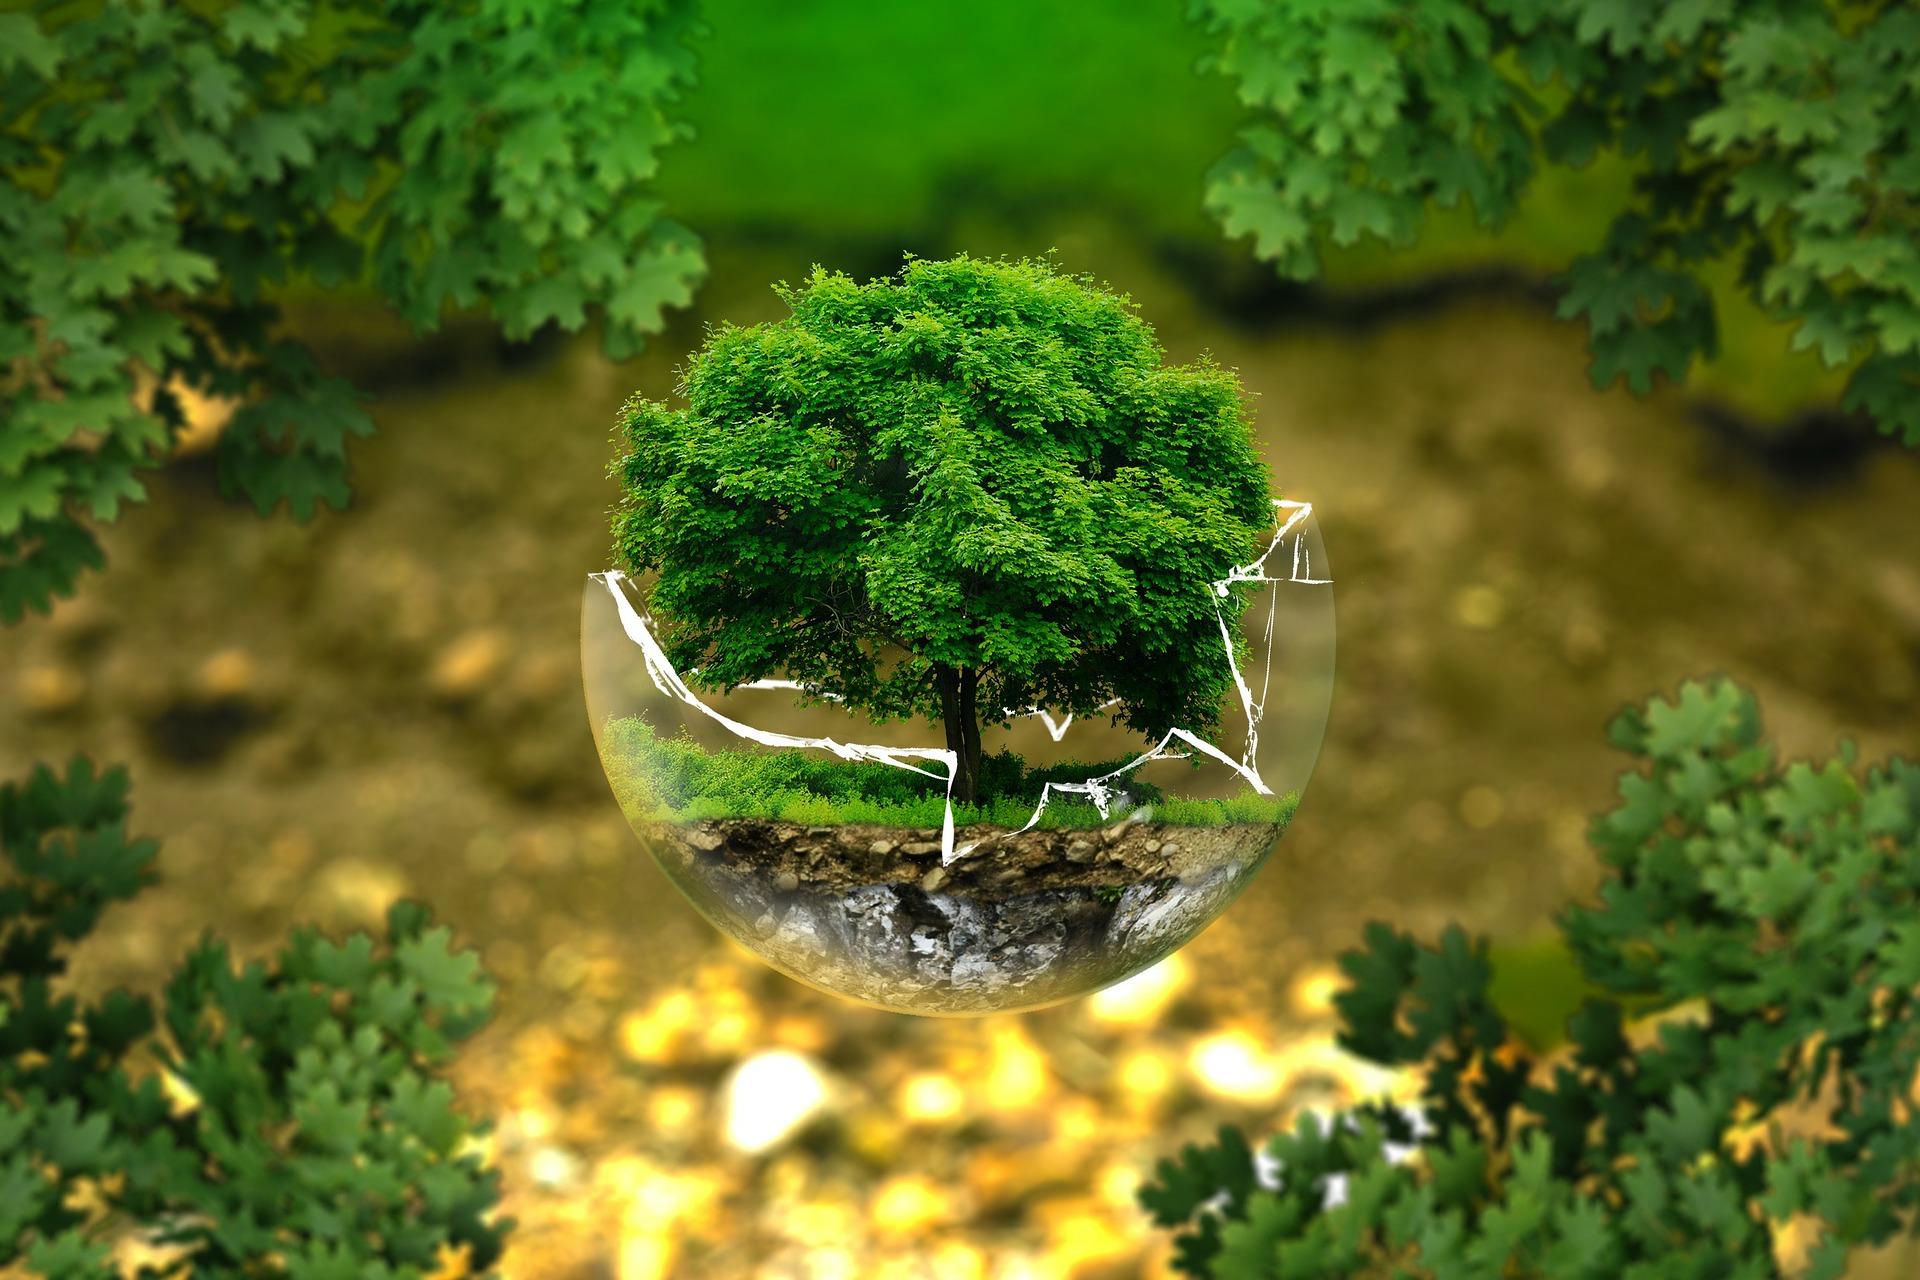 Le prêt développement durable de la Société Générale : tout ce qu'il faut savoir